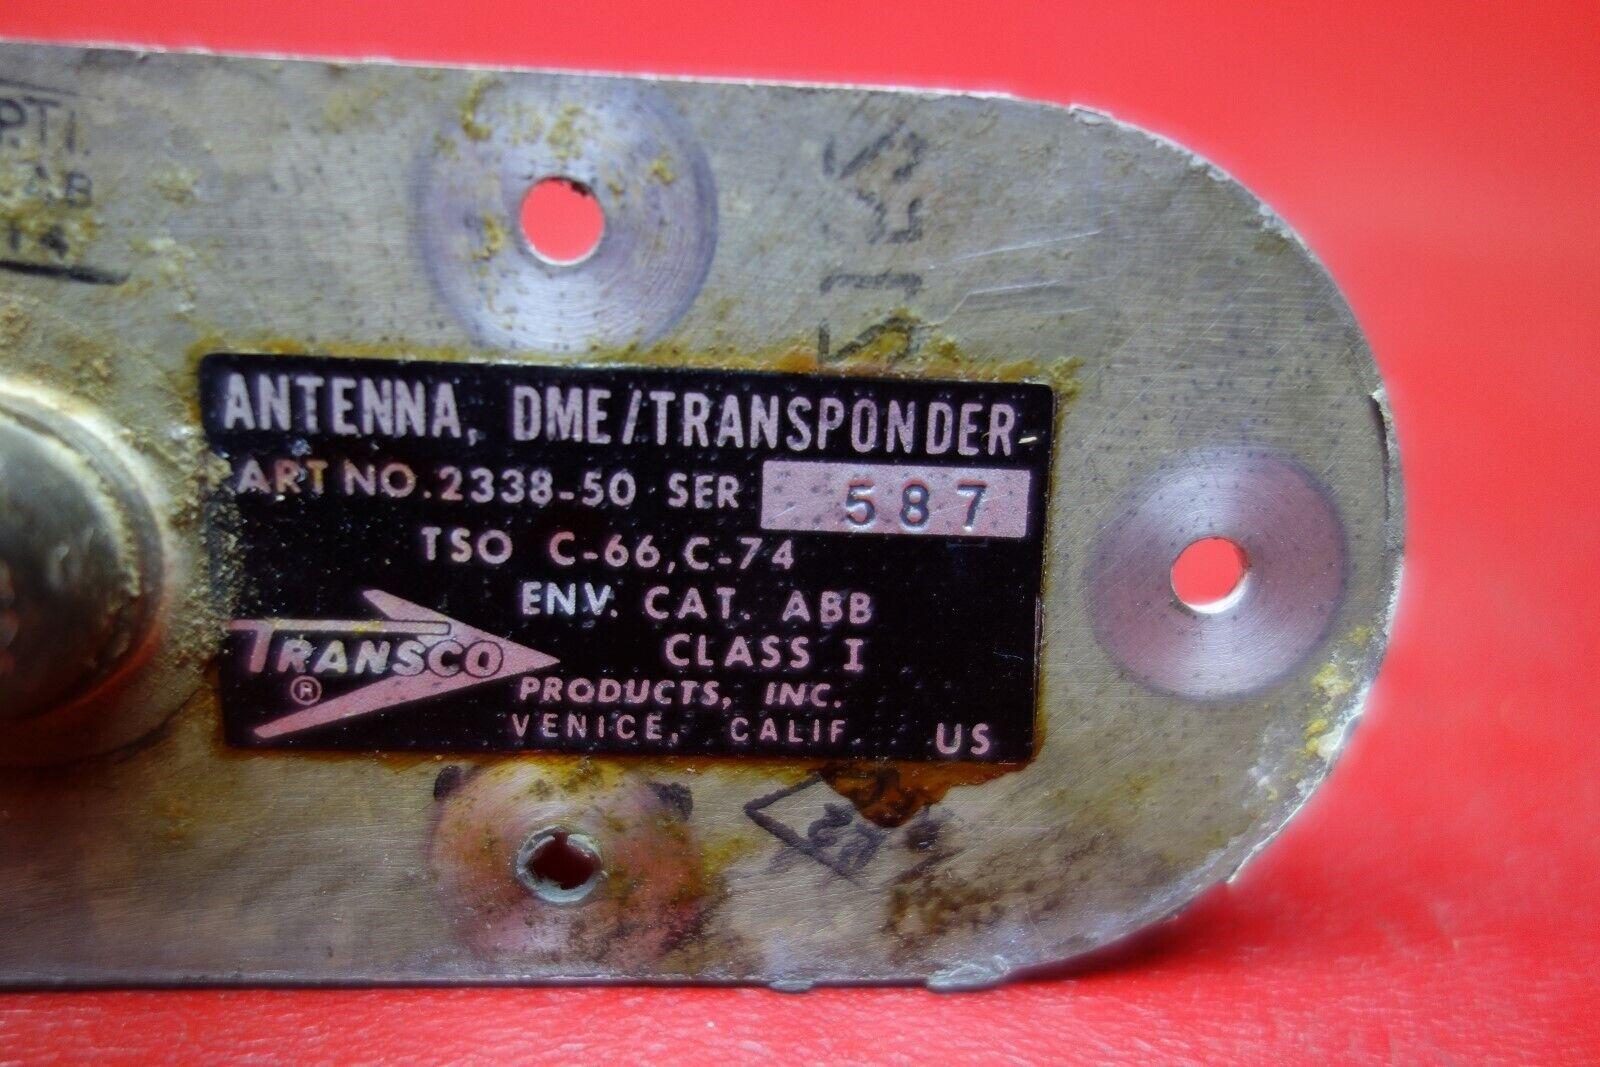 Transco DME/Transponder Antenna PN 2338-50